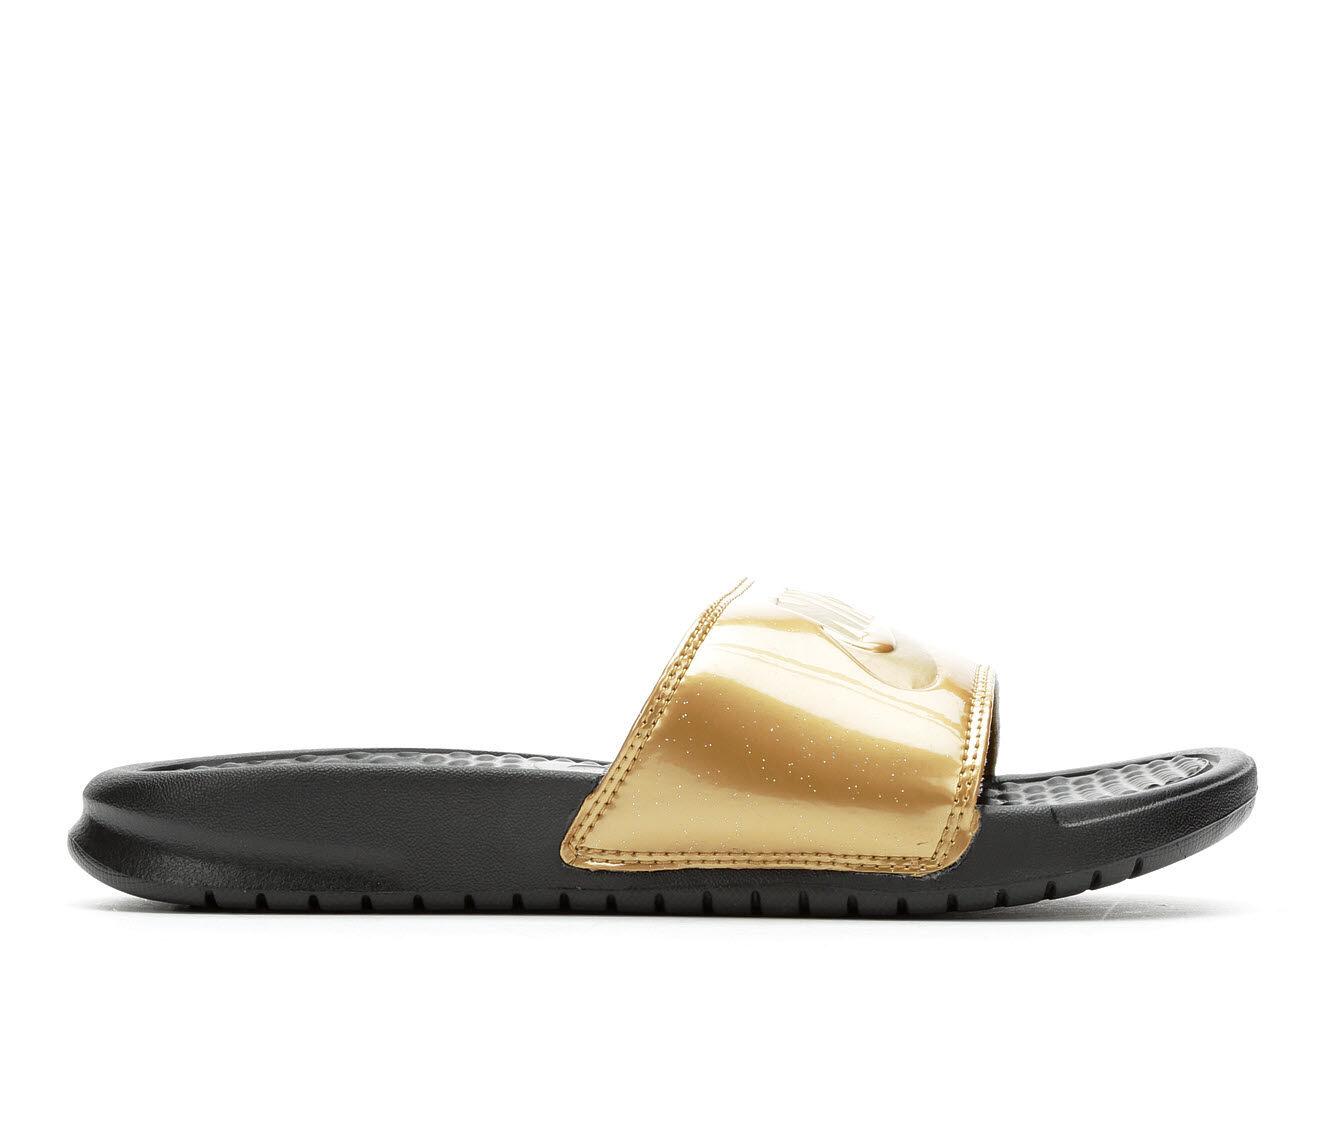 To Buy Popular Women's Nike Benassi JDI Print Sport Slides Black/Met Gold